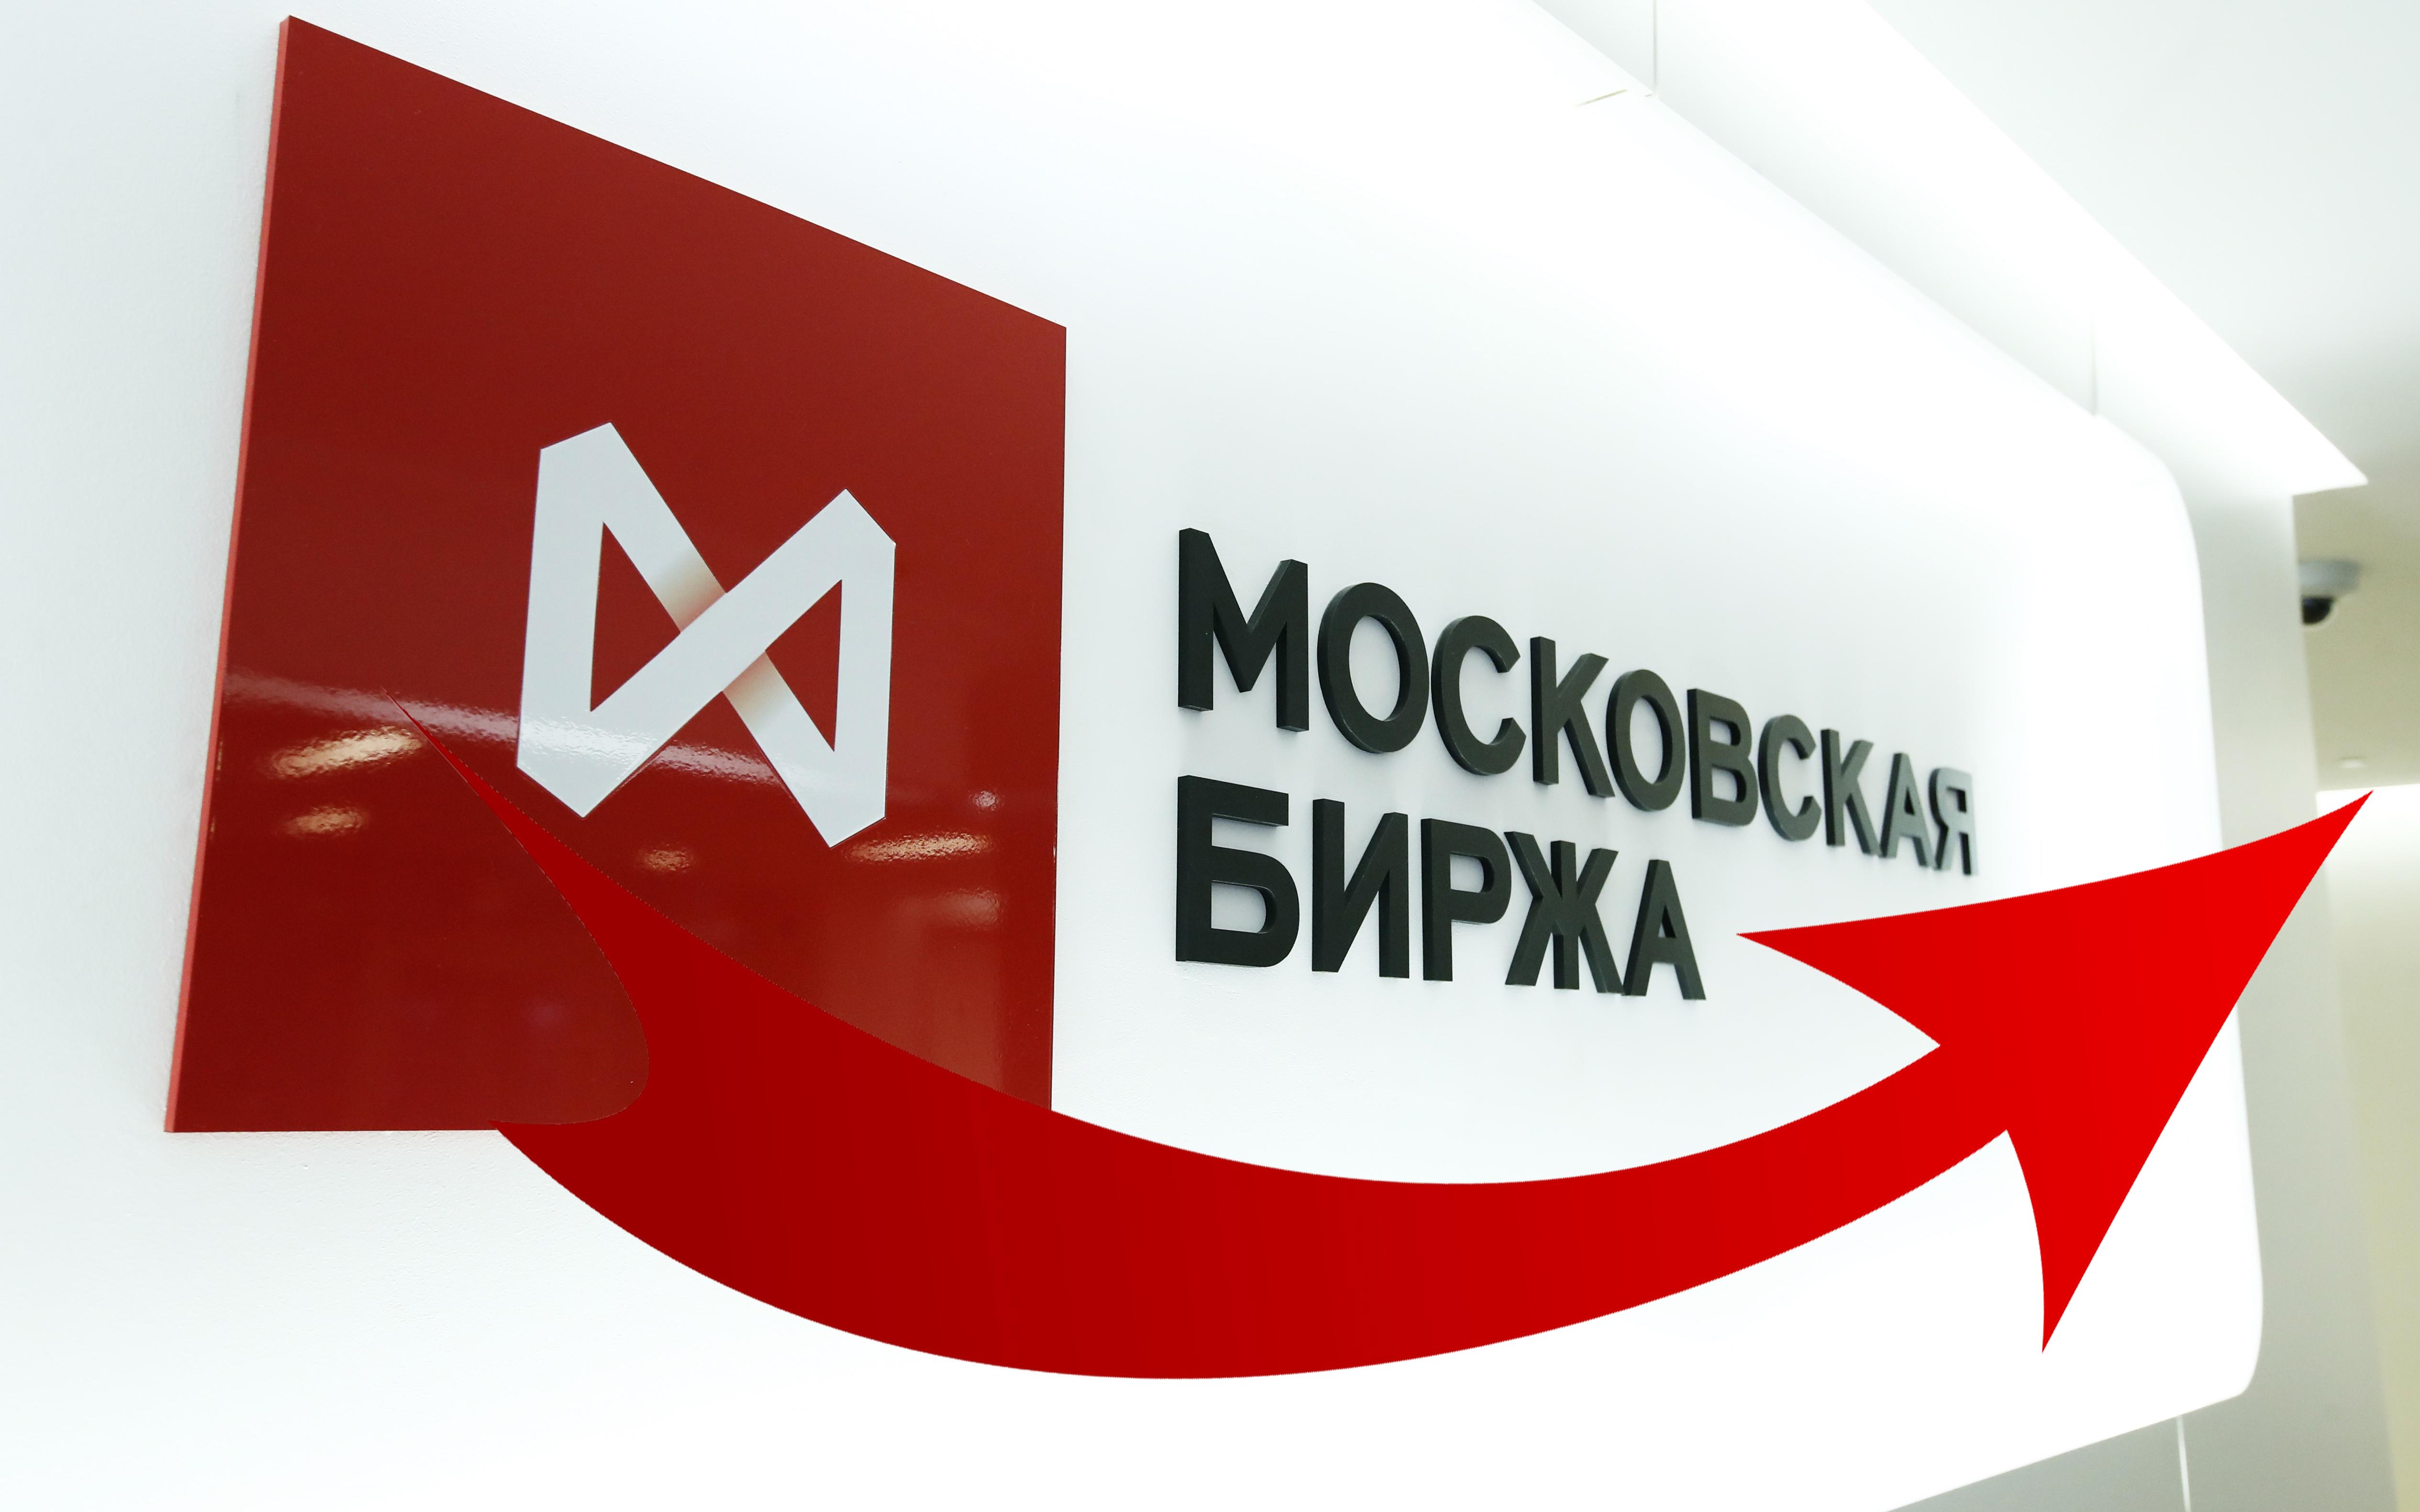 Объем торгов биржевыми фондами на Мосбирже за первую половину года вырос в 5 раз